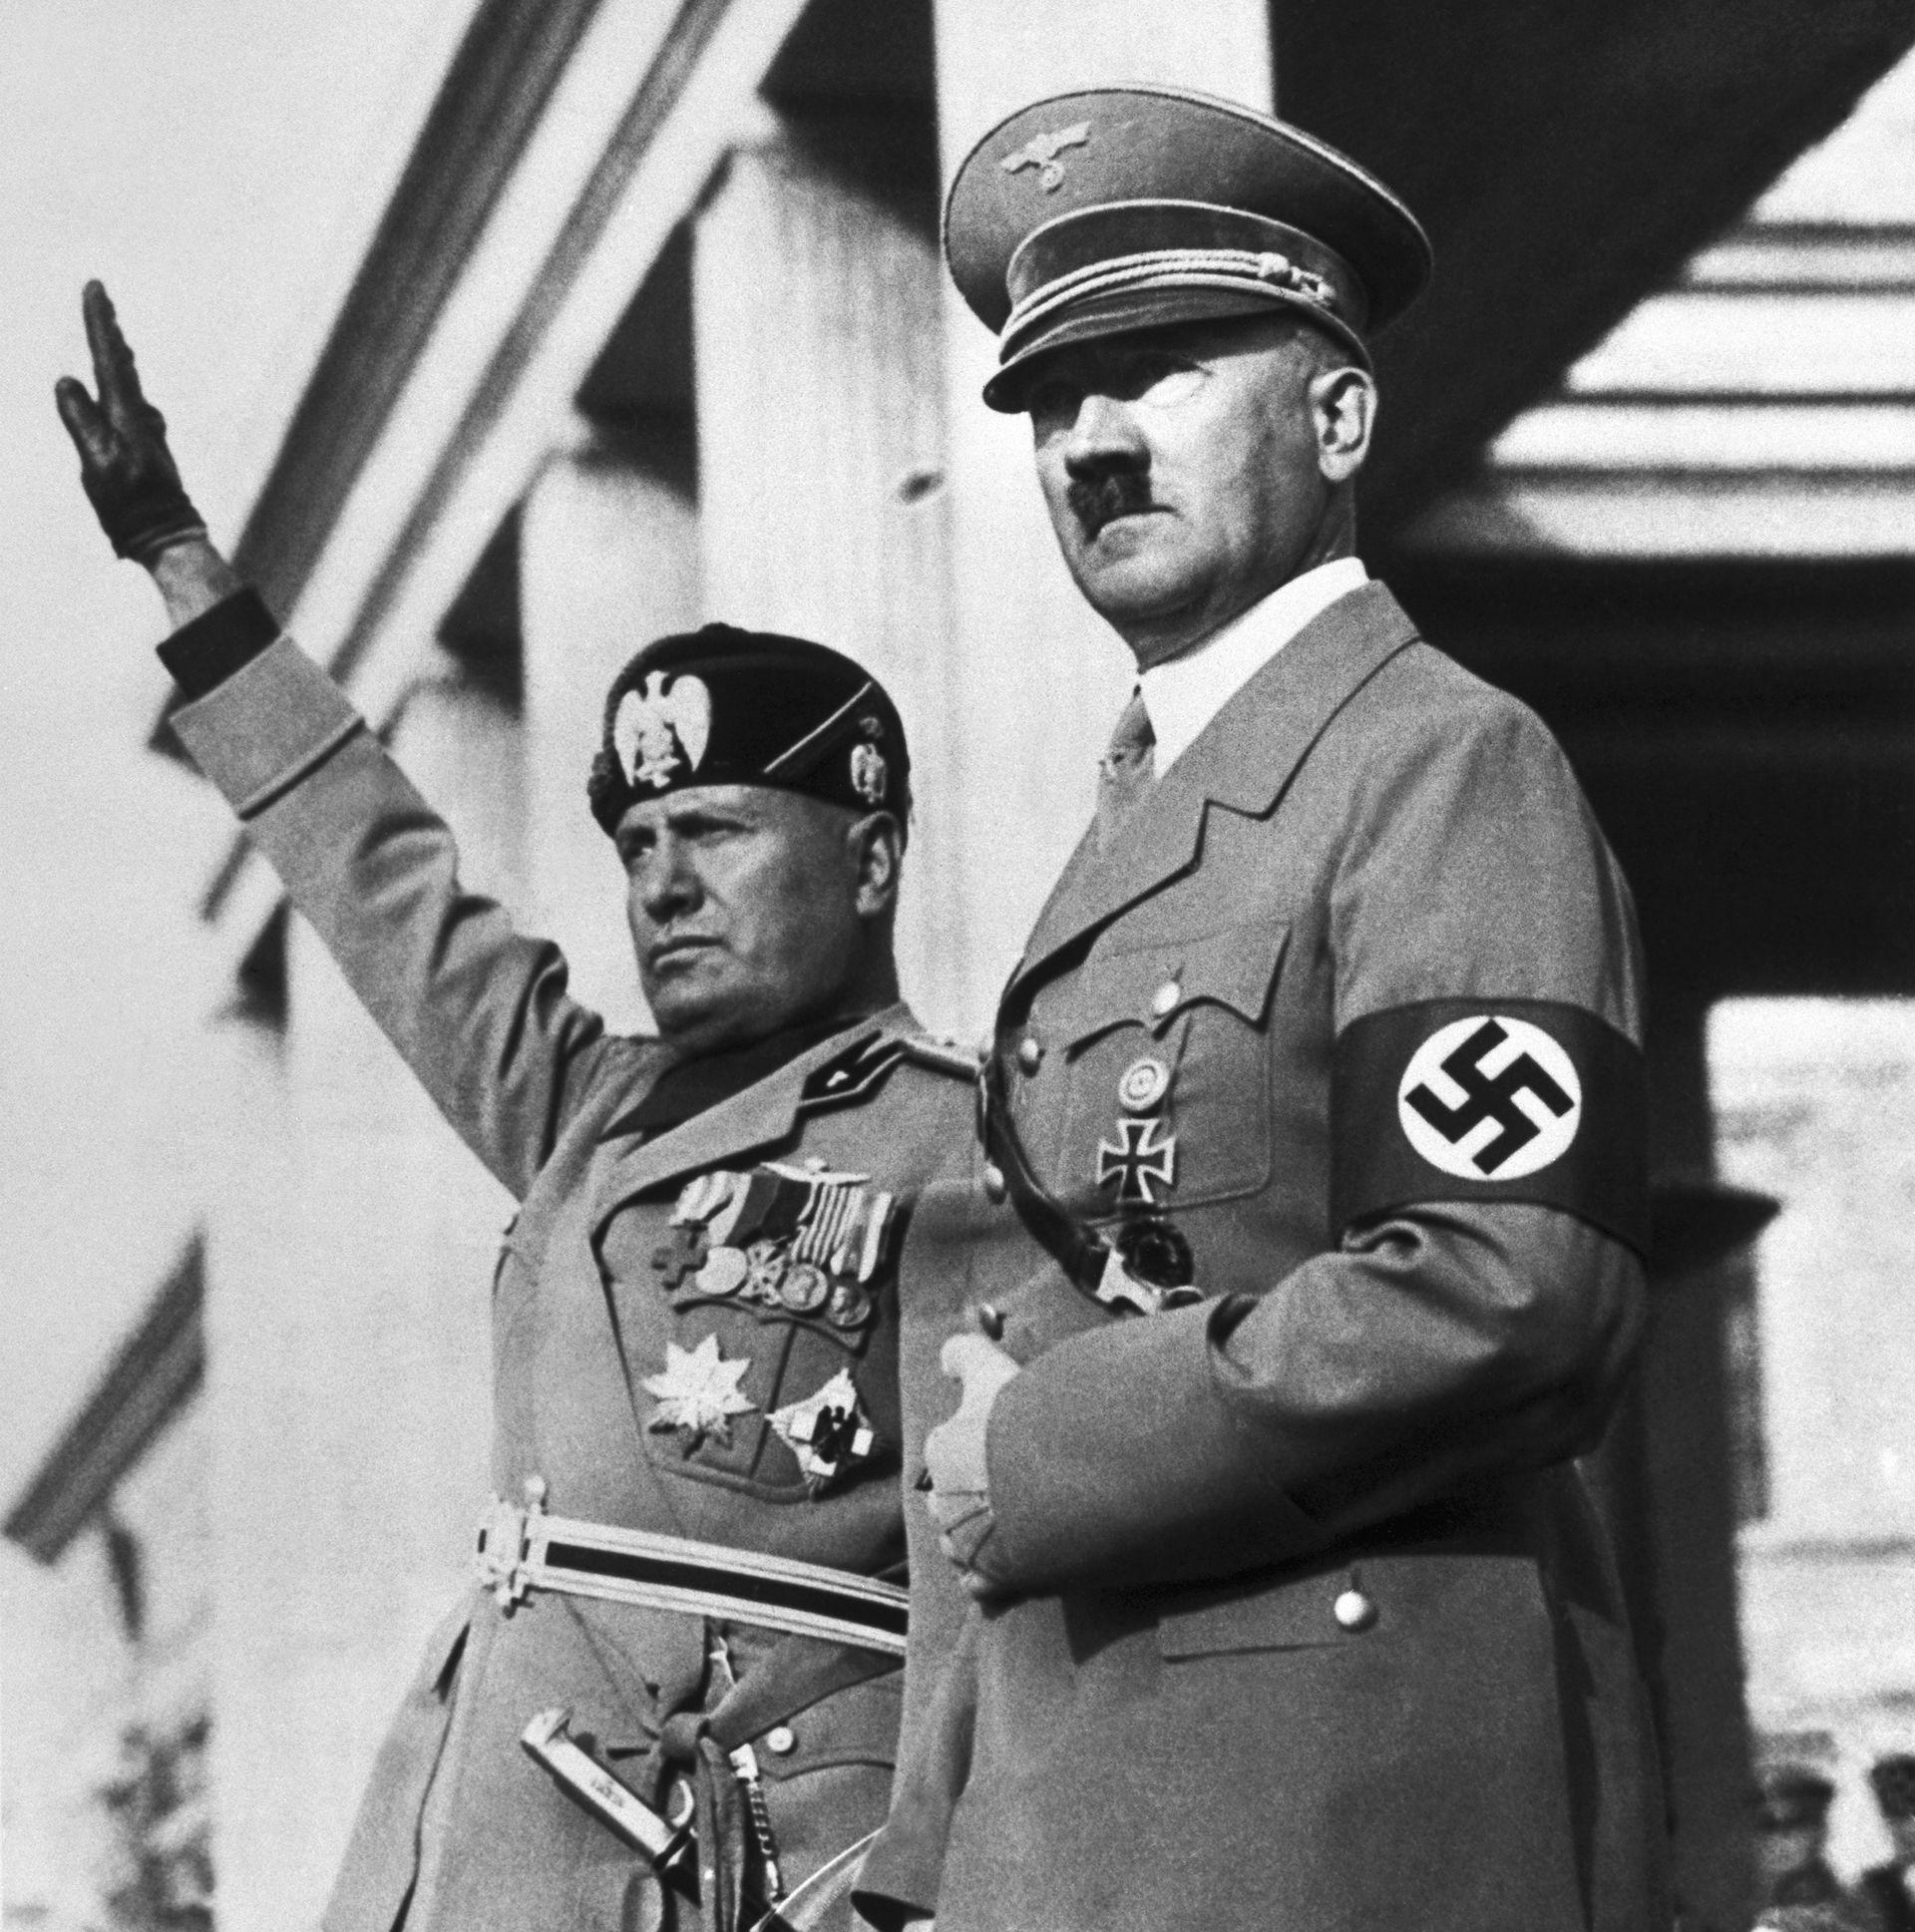 Benito Mussolini y Adolfo Hitler en un desfile nazi en Alemania